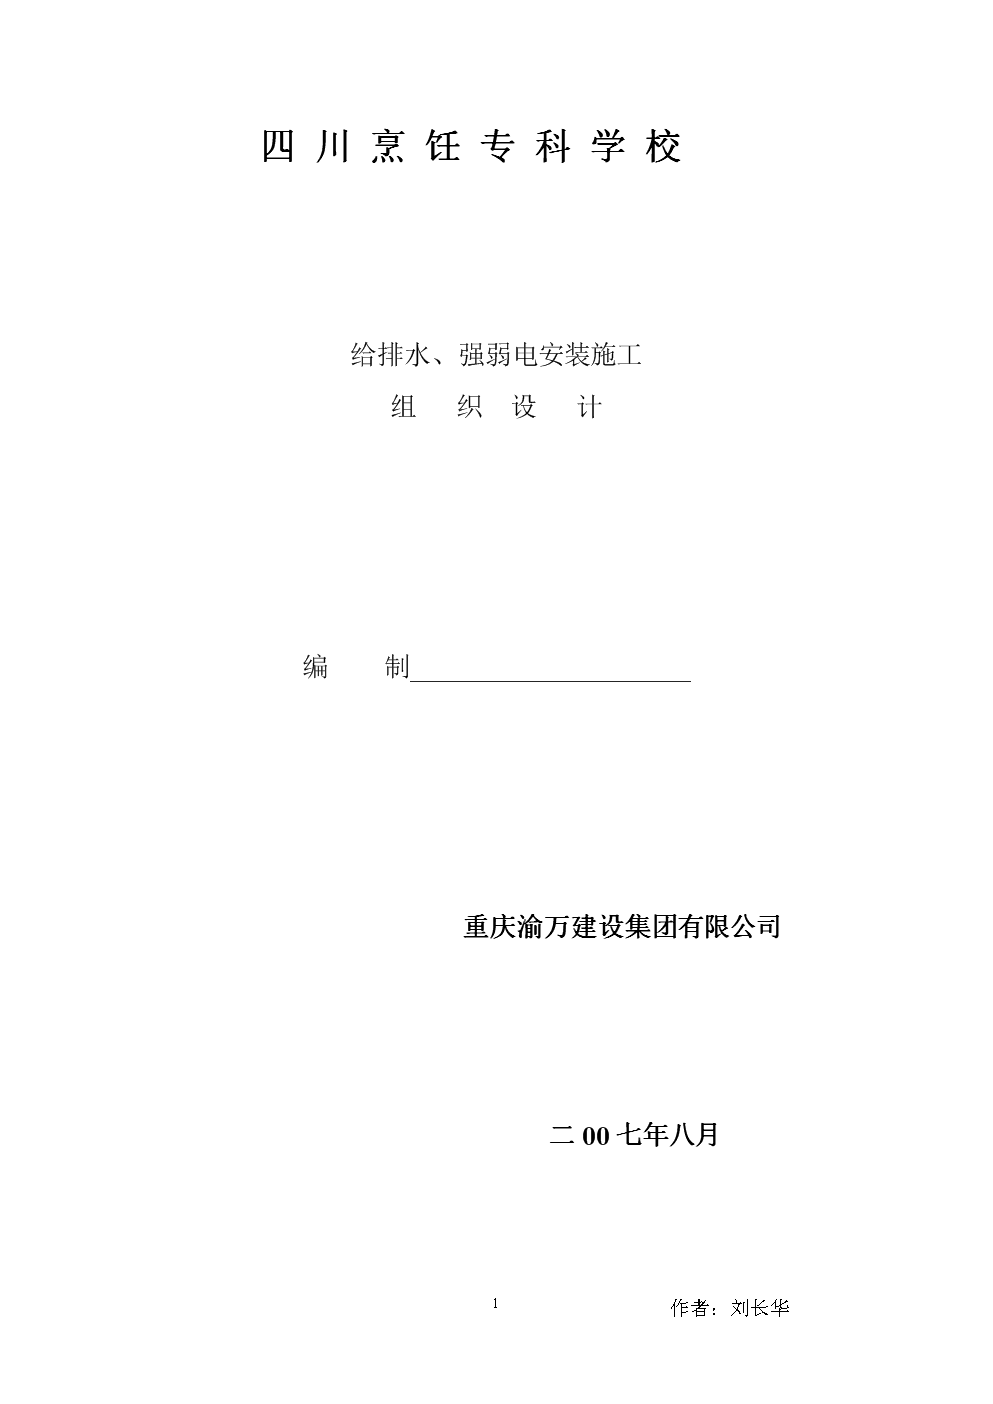 论文v论文组织设计刺绣_new讲解.doc学校与包装设计方案图片